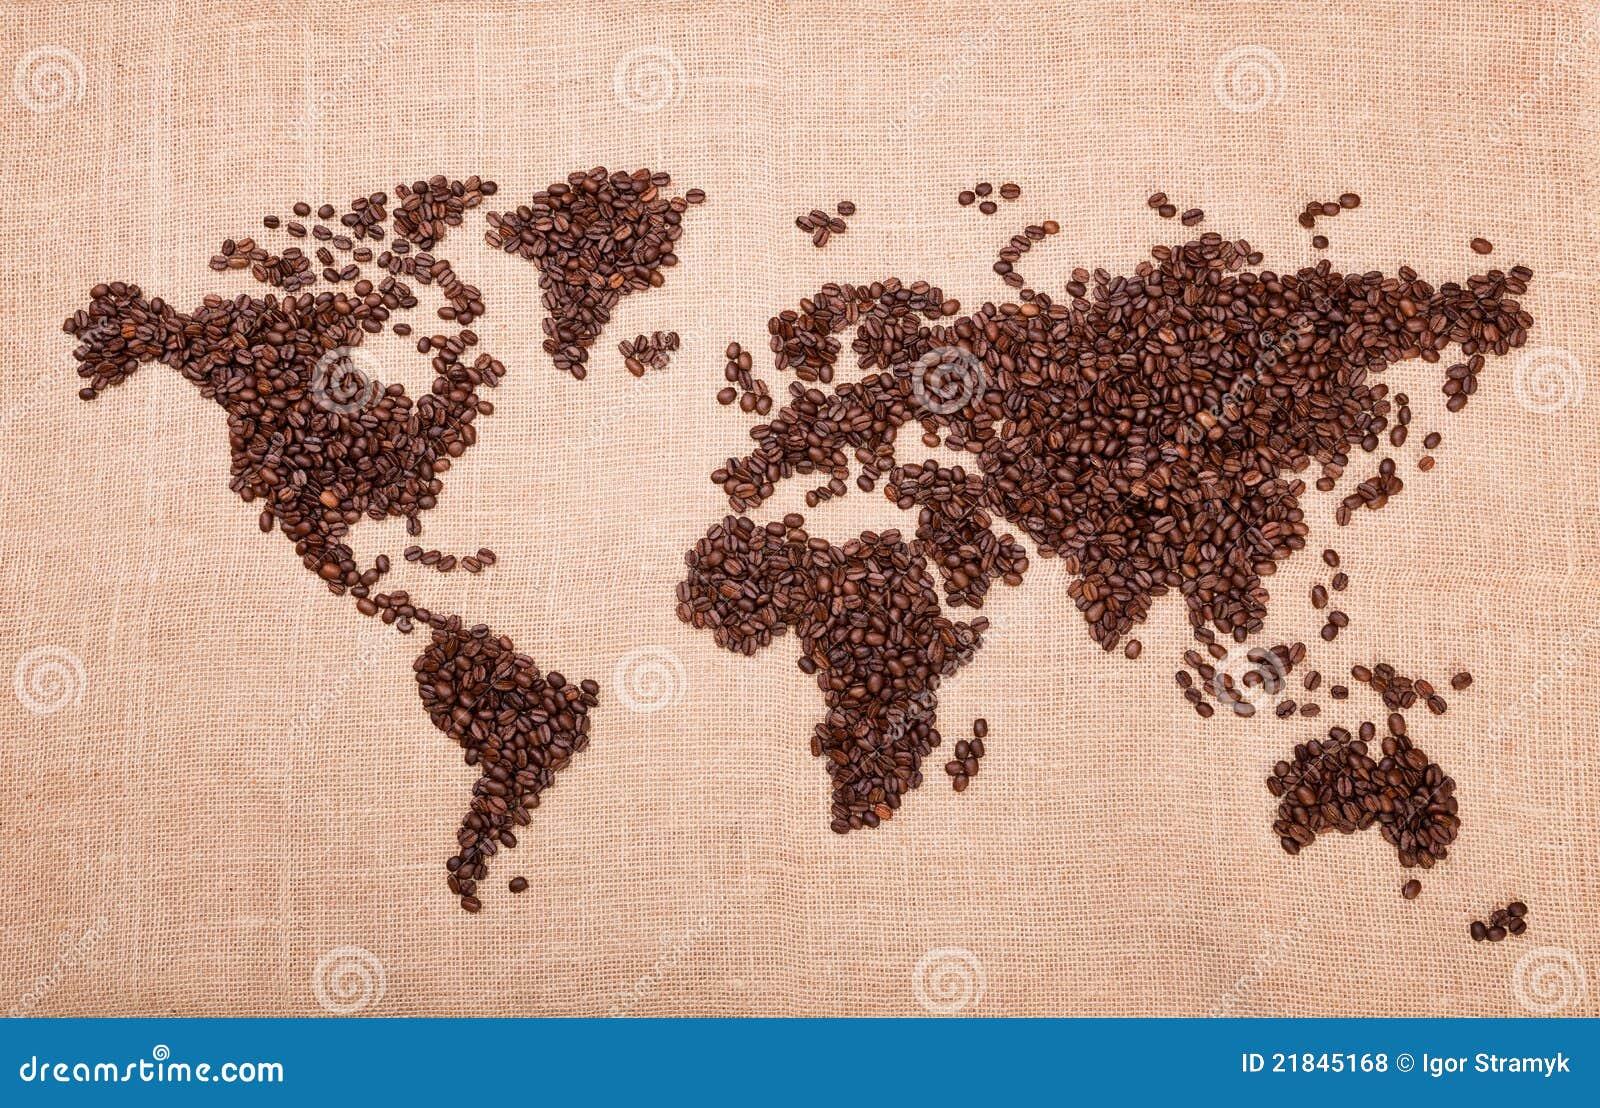 Kaart die van koffie wordt gemaakt